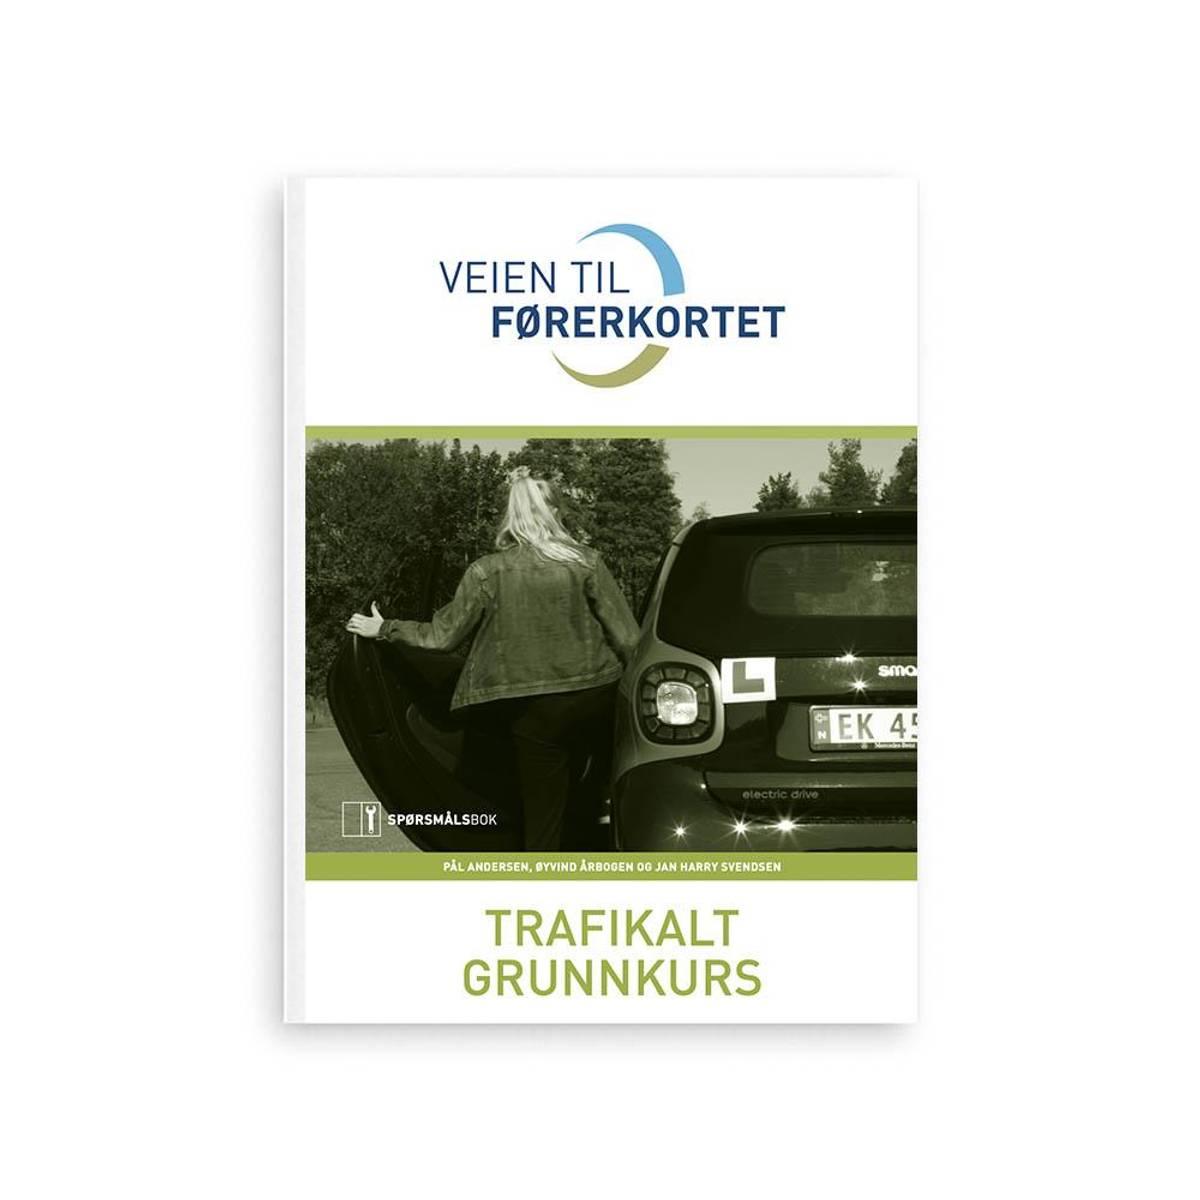 Trafikalt grunnkurs spørsmålsbok